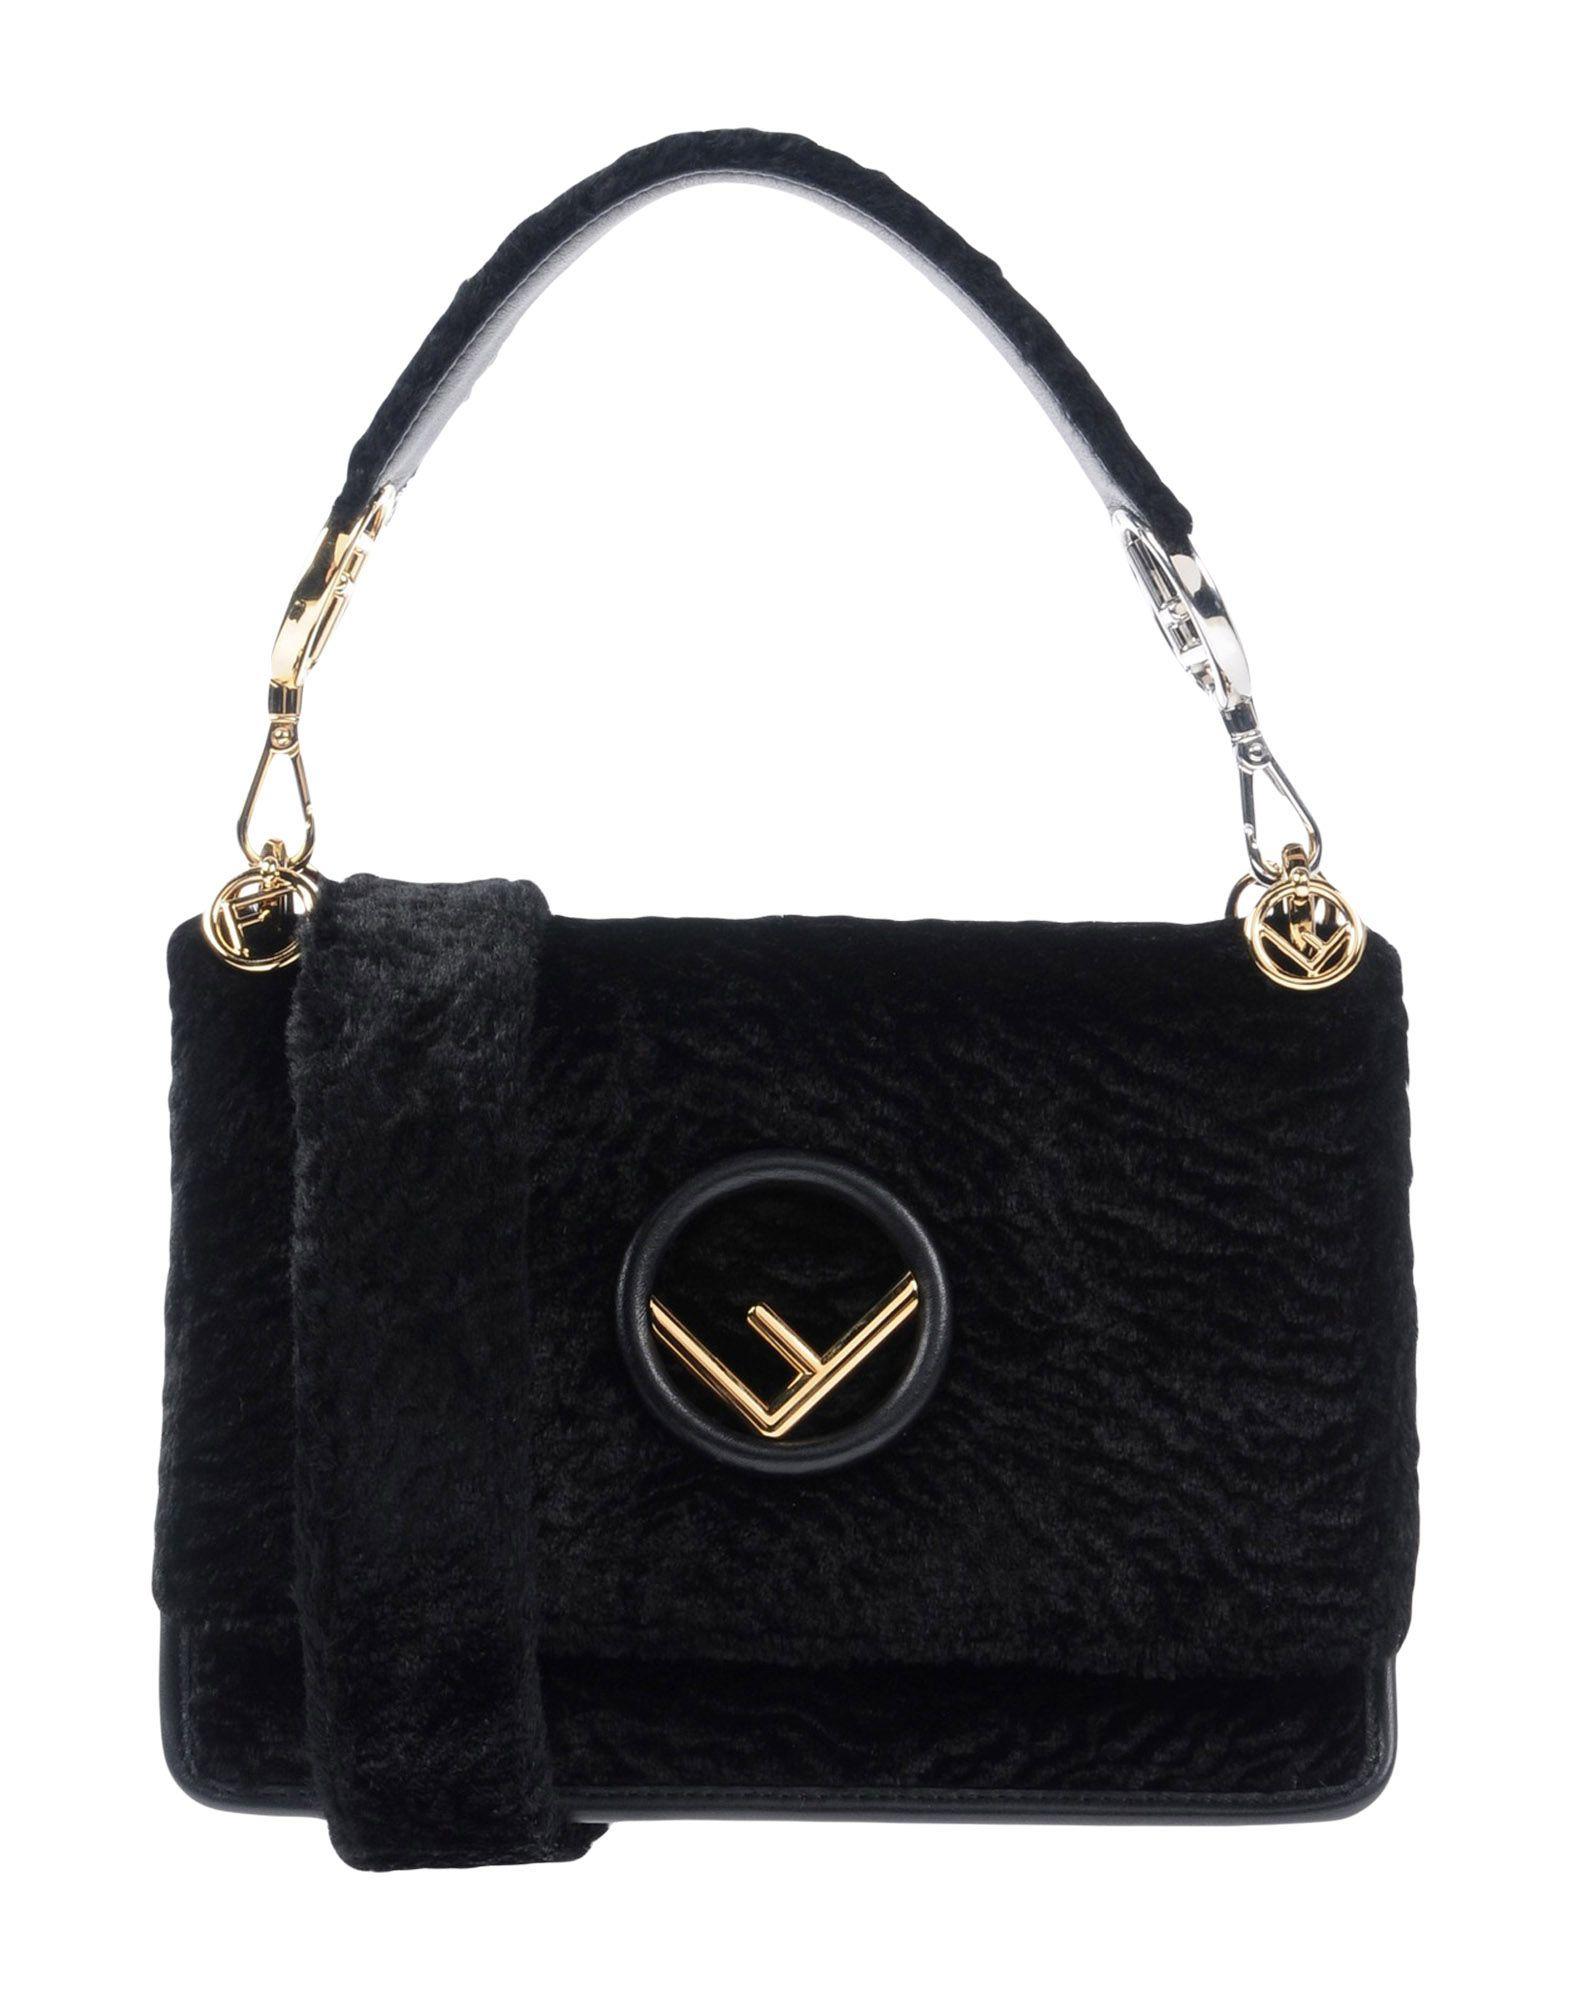 Фото - FENDI Сумка на руку fendi черная кожаная сумка с логотипом